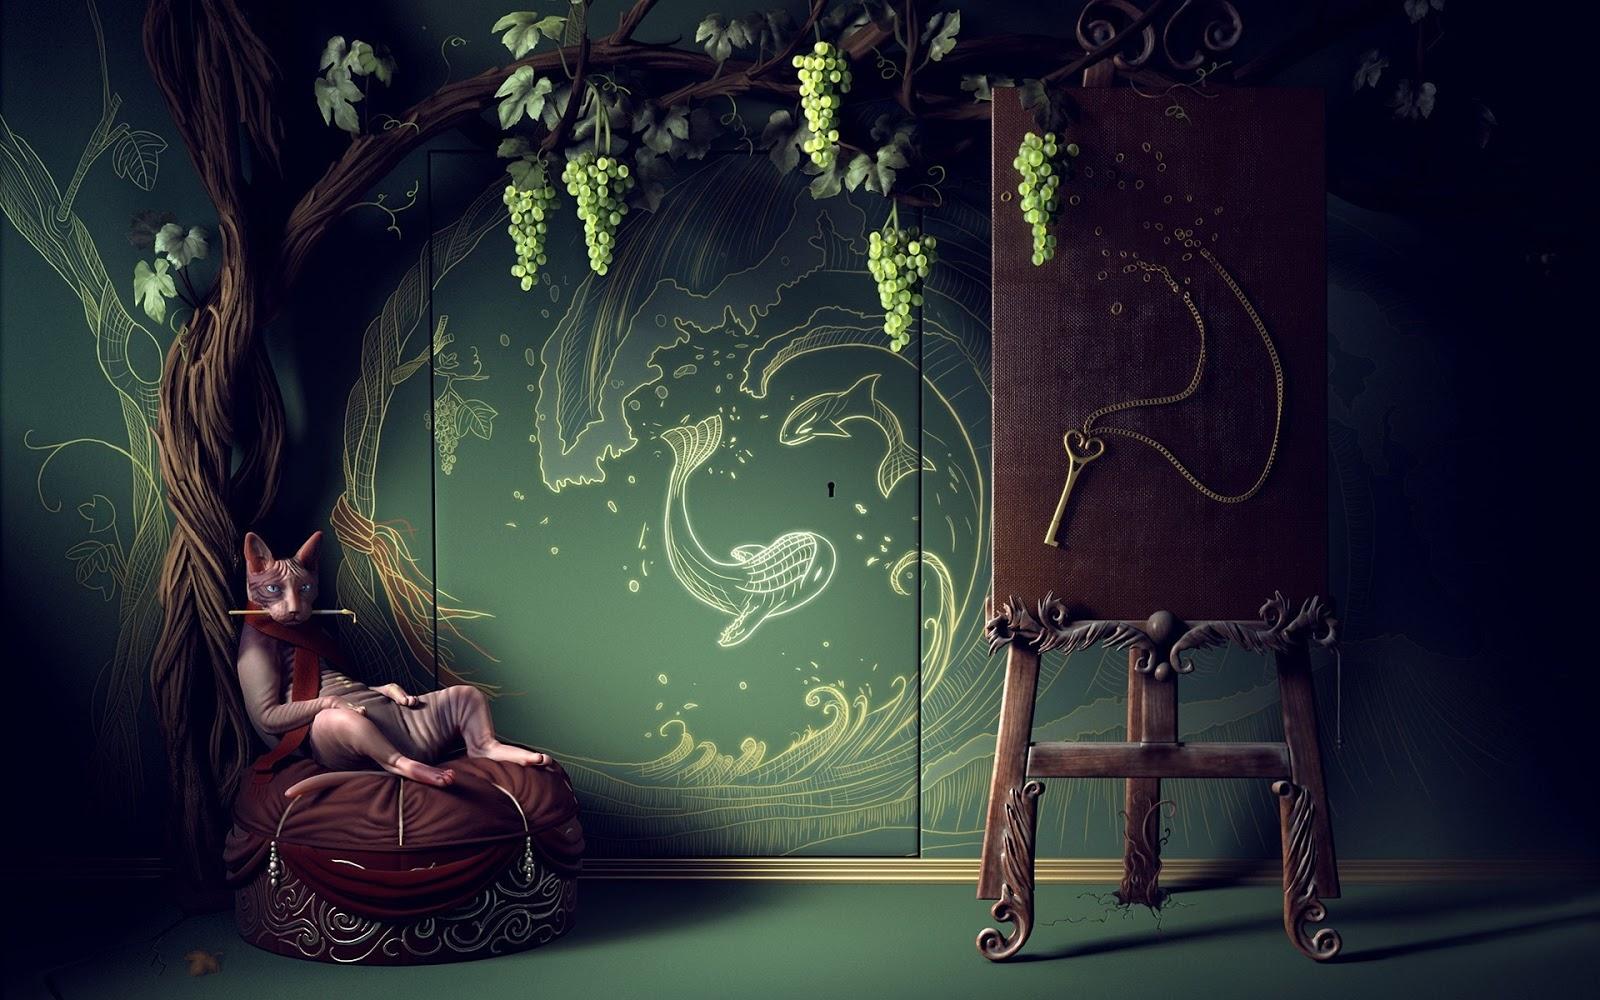 http://1.bp.blogspot.com/-mnQenjyKiko/UME-rKQHTVI/AAAAAAAAPhI/waFpy72U0PY/s1600/lobo_8C4.jpg